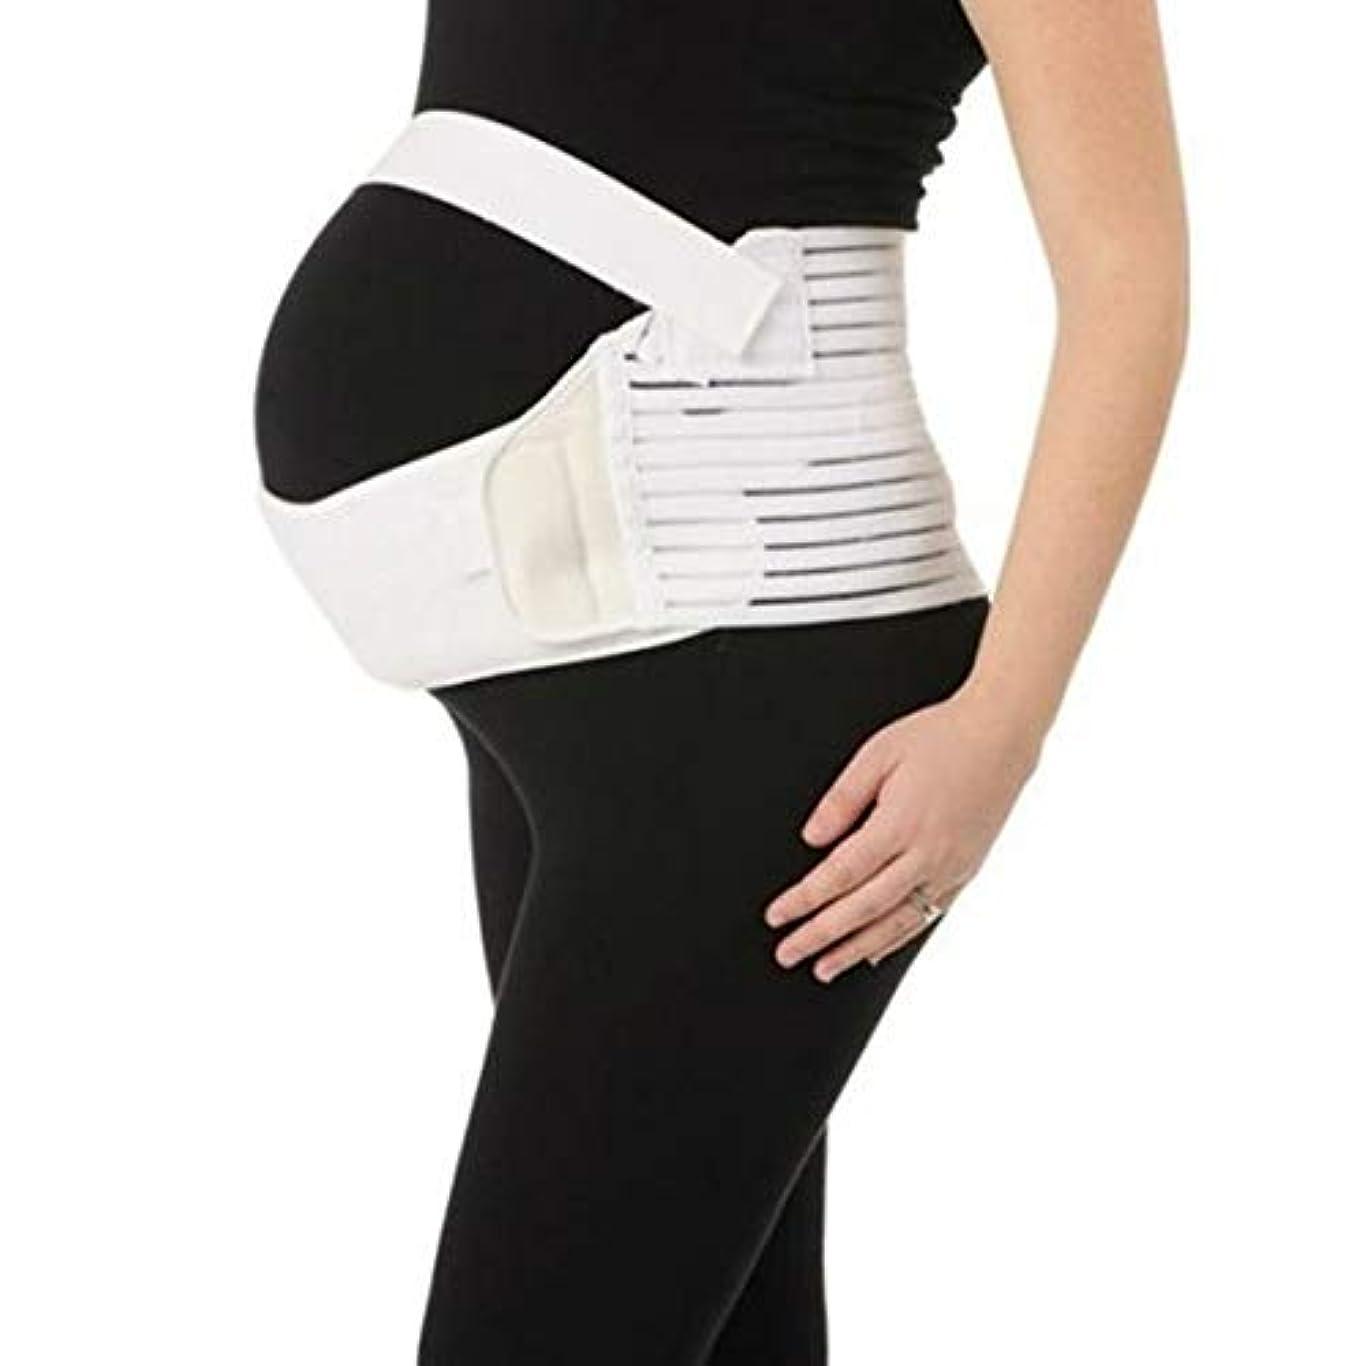 後方支給提案する通気性マタニティベルト妊娠腹部サポート腹部バインダーガードル運動包帯産後の回復shapewear - ホワイトL